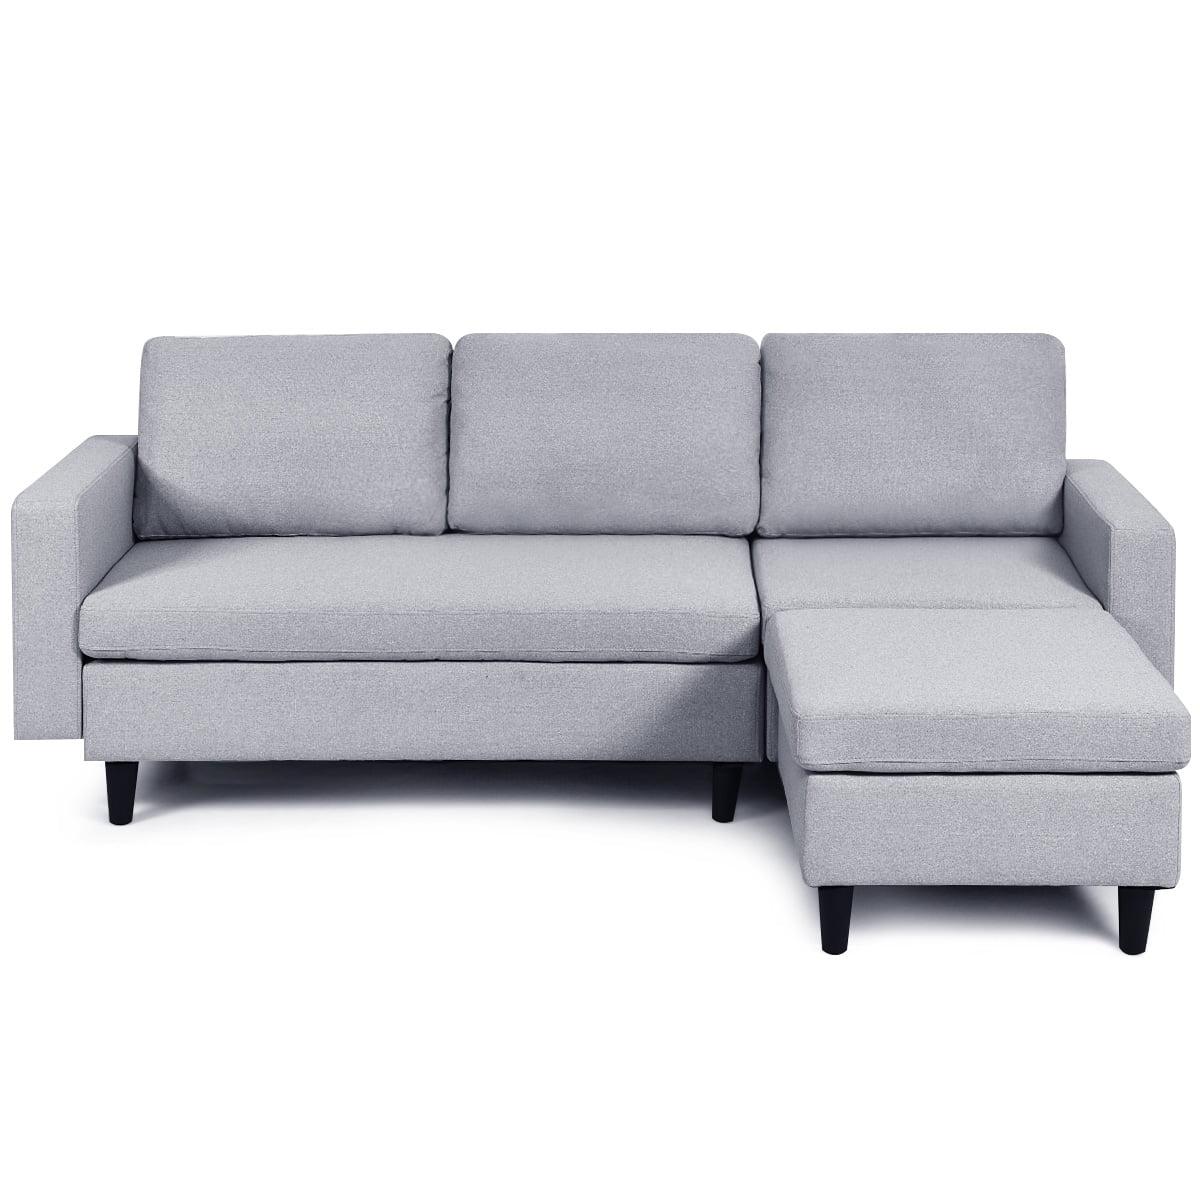 grey sectional sofas walmart com